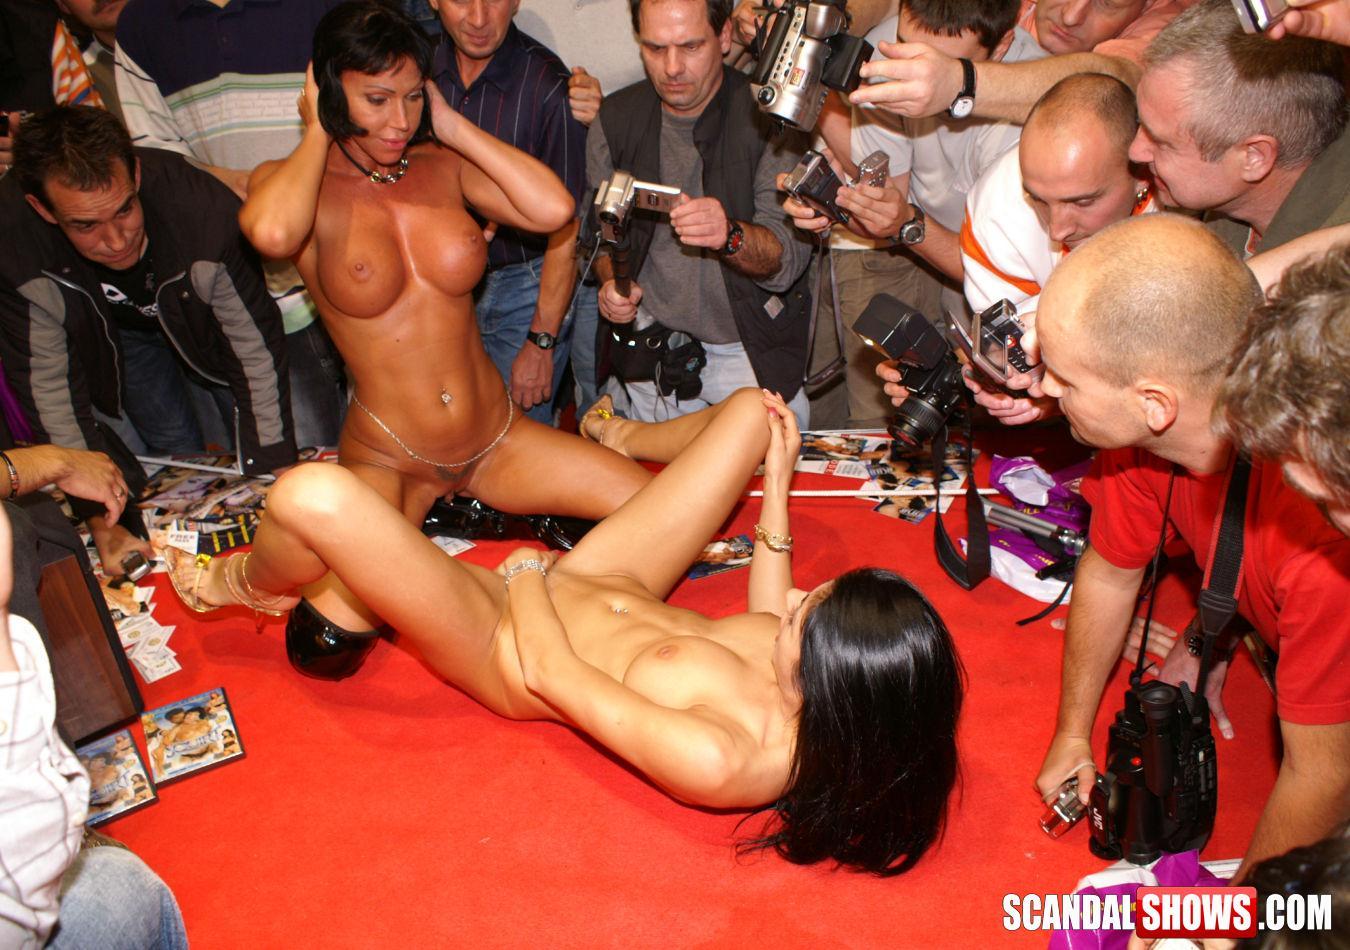 Секс порно шоу смотреть онлайн, Шоу - Смотреть порно видео онлайн 5 фотография